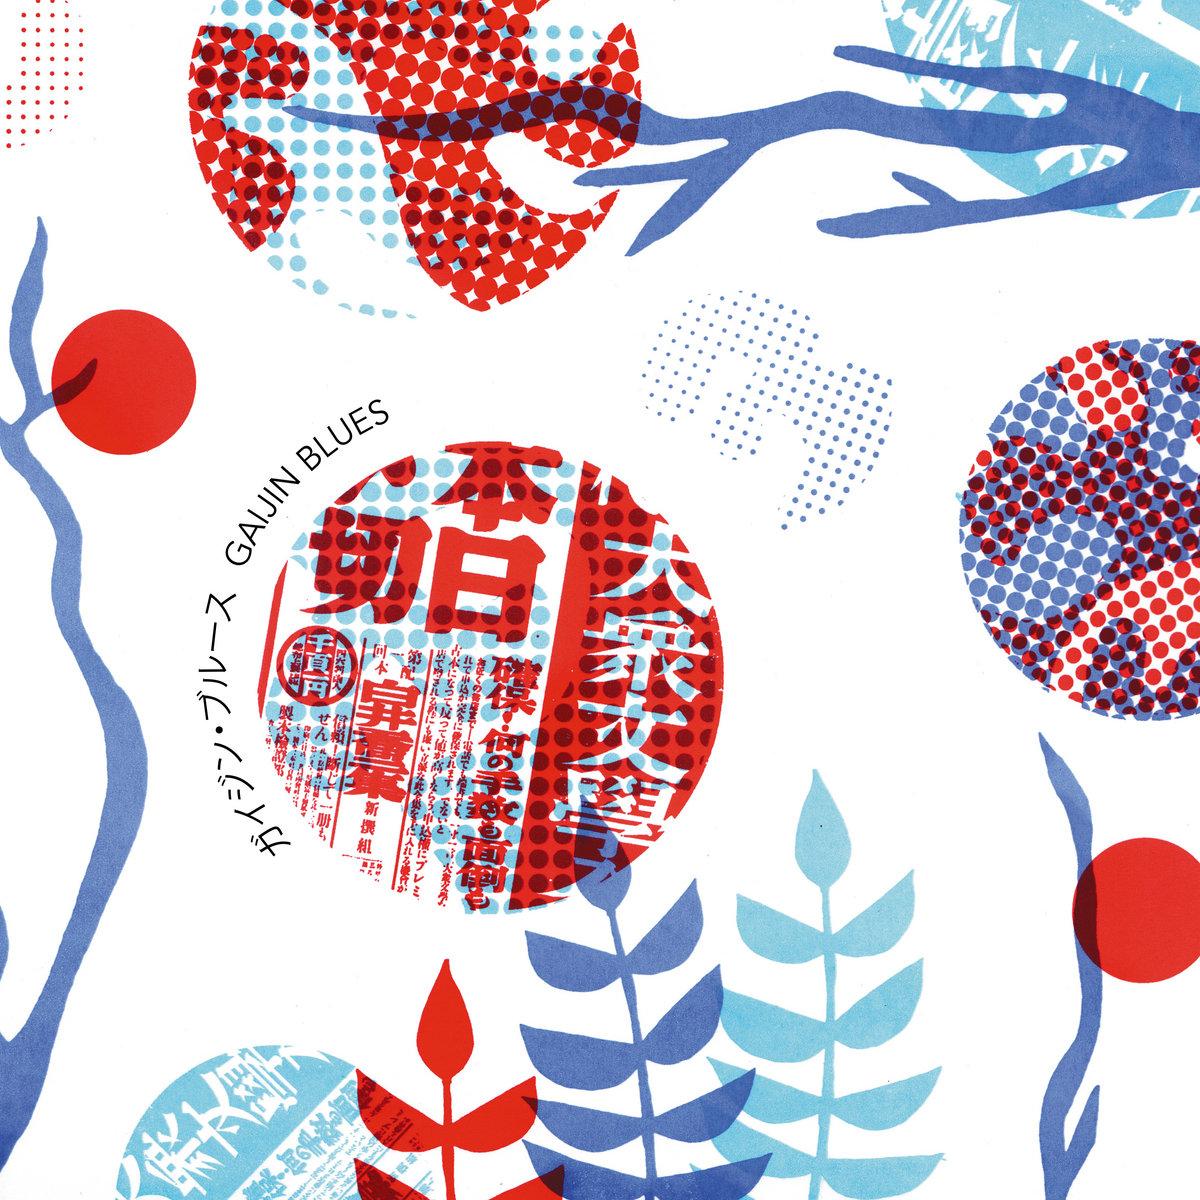 「Gaijin Blues / Gaijin Blues EP」の画像検索結果